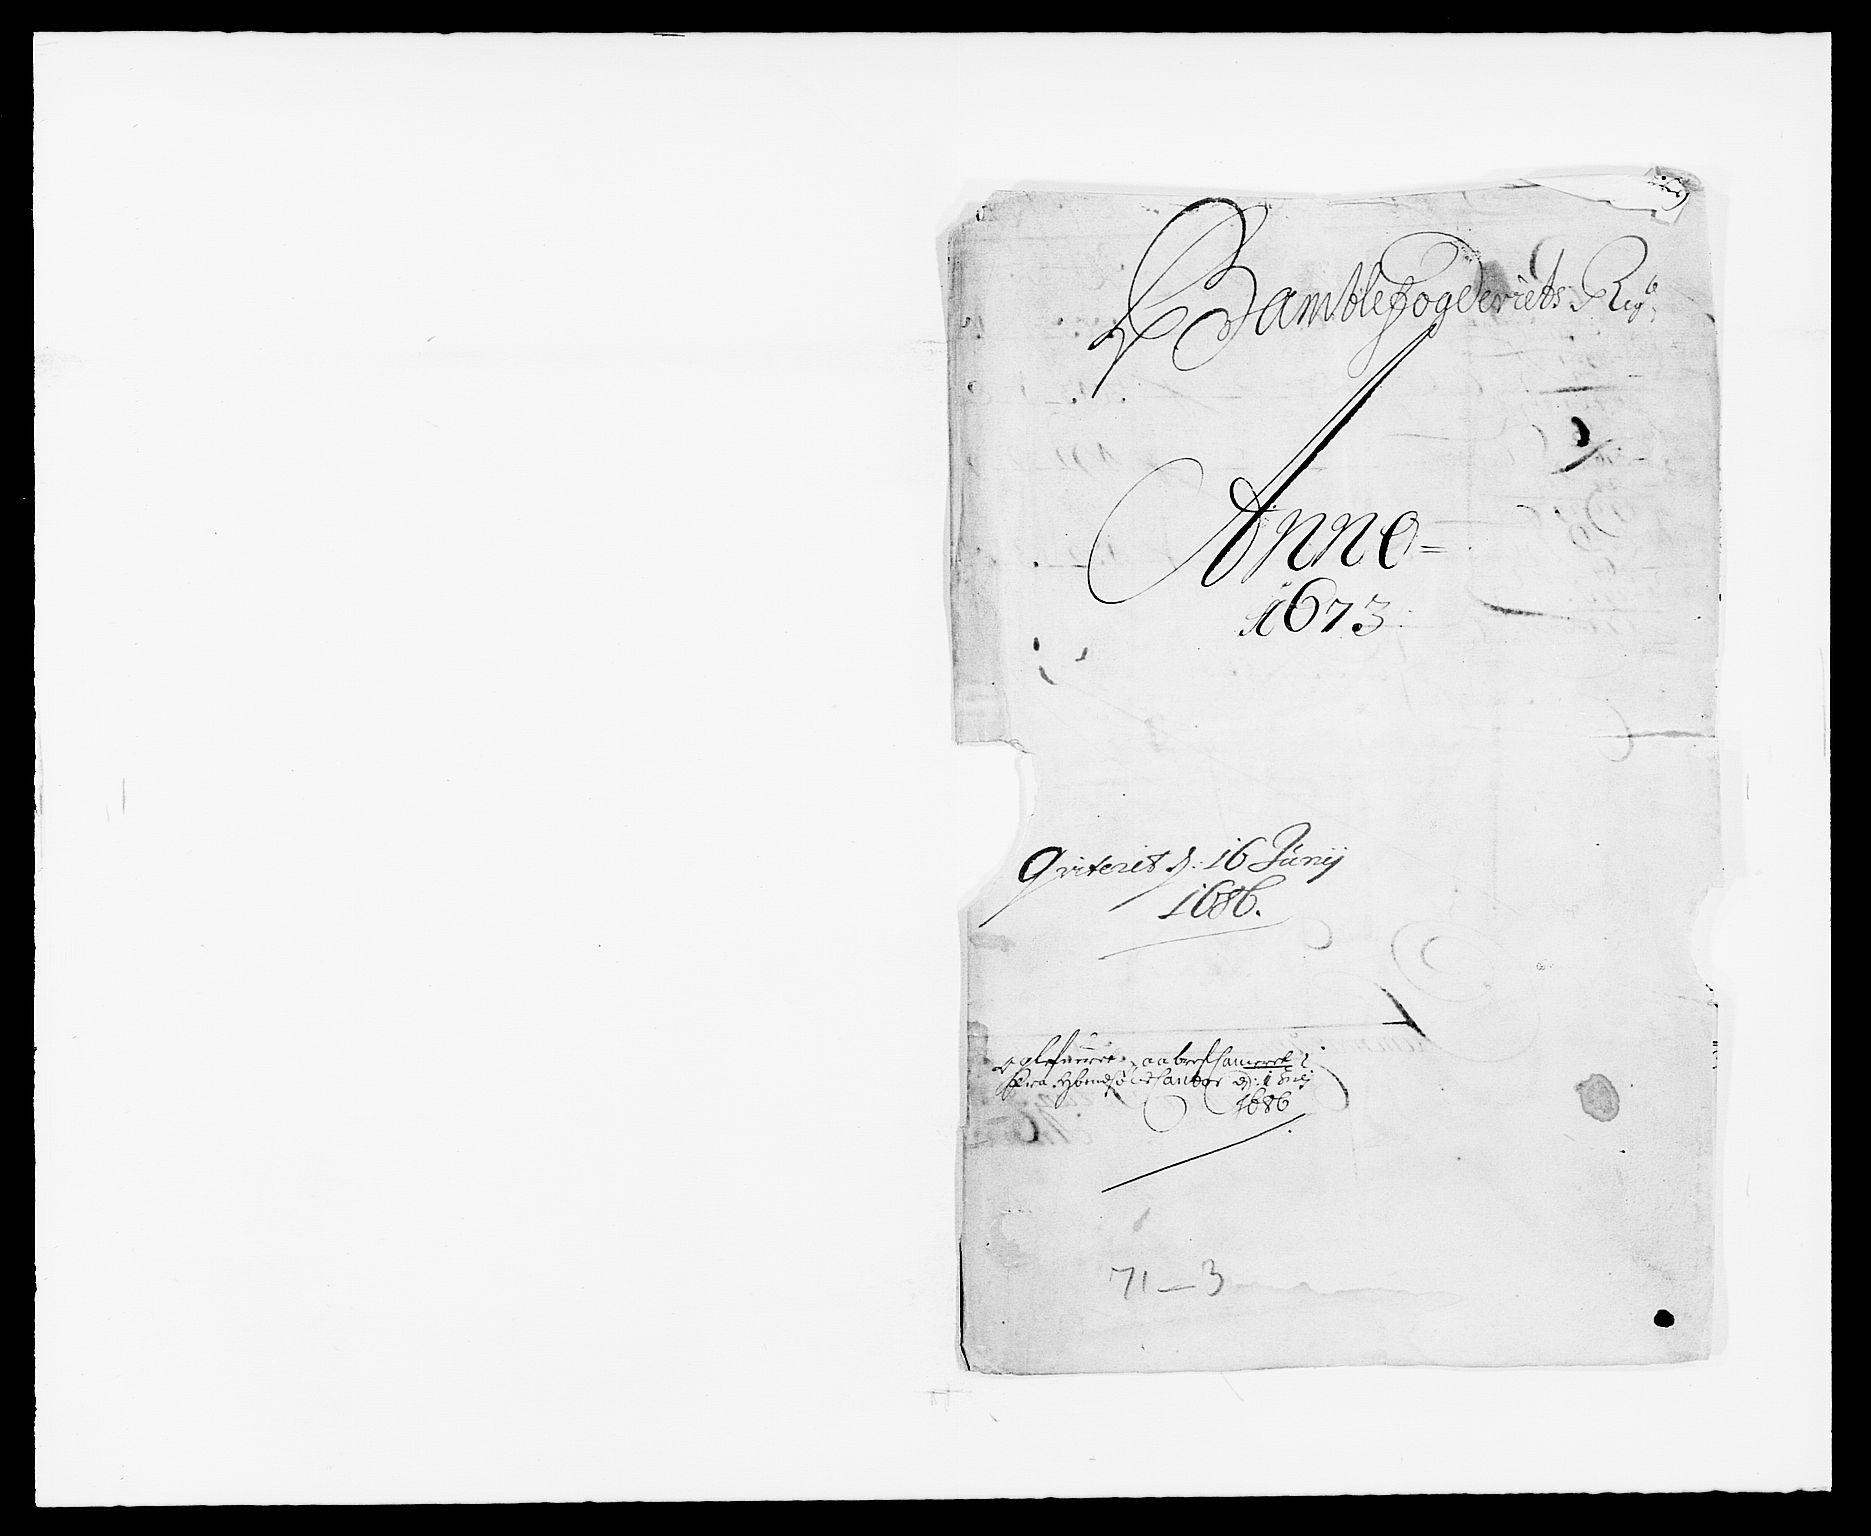 RA, Rentekammeret inntil 1814, Reviderte regnskaper, Fogderegnskap, R34/L2042: Fogderegnskap Bamble, 1673-1675, s. 1